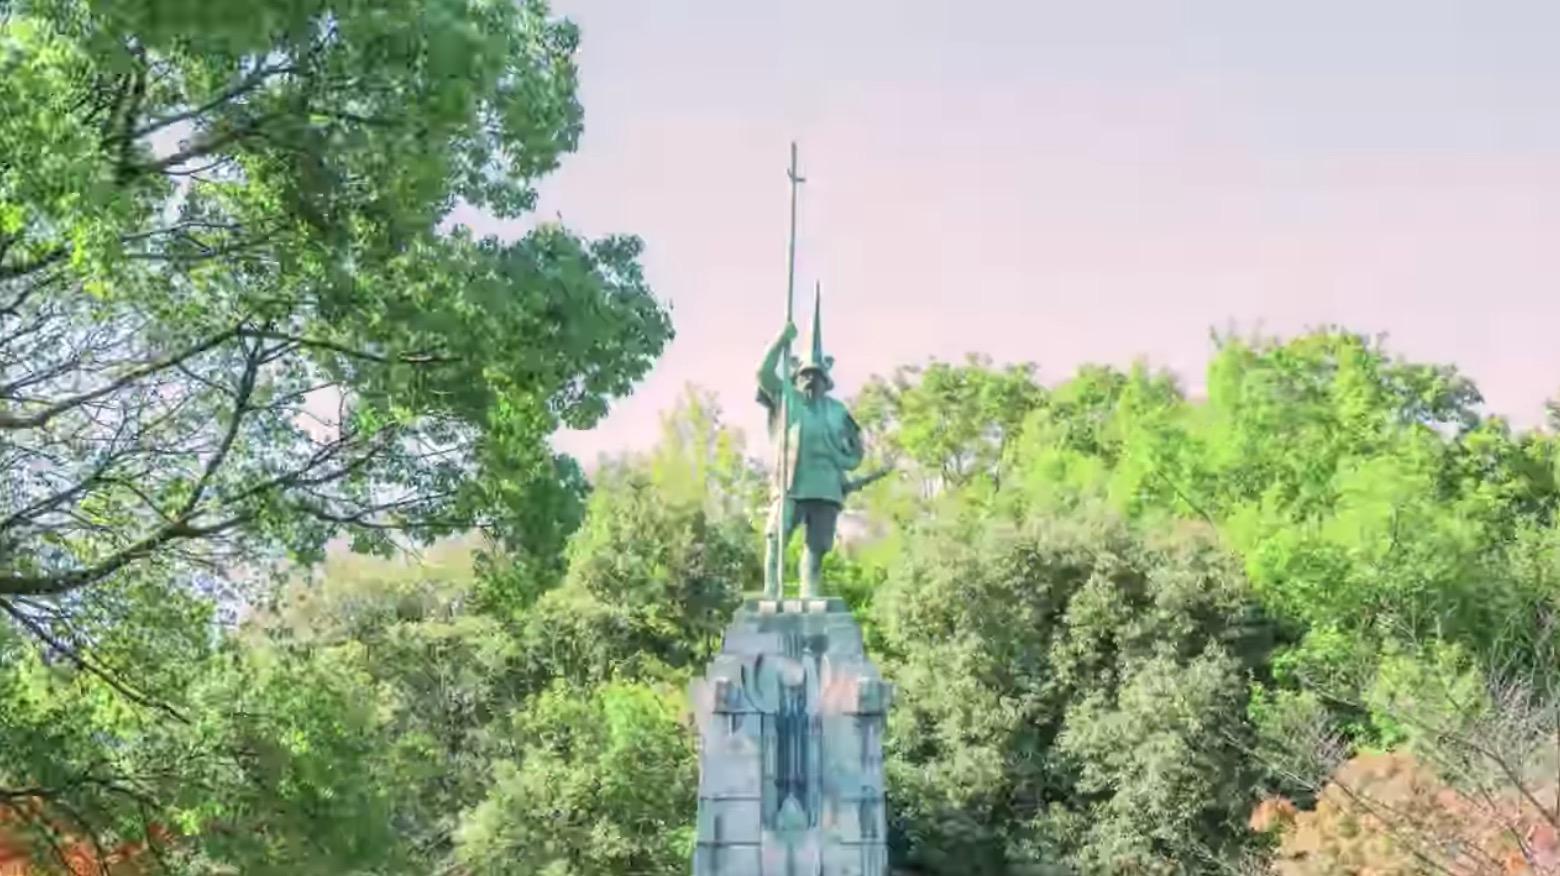 本妙寺清正公立像を見てきたよ。熊本県内で最も大きい加藤清正像ば見らなんたい!!